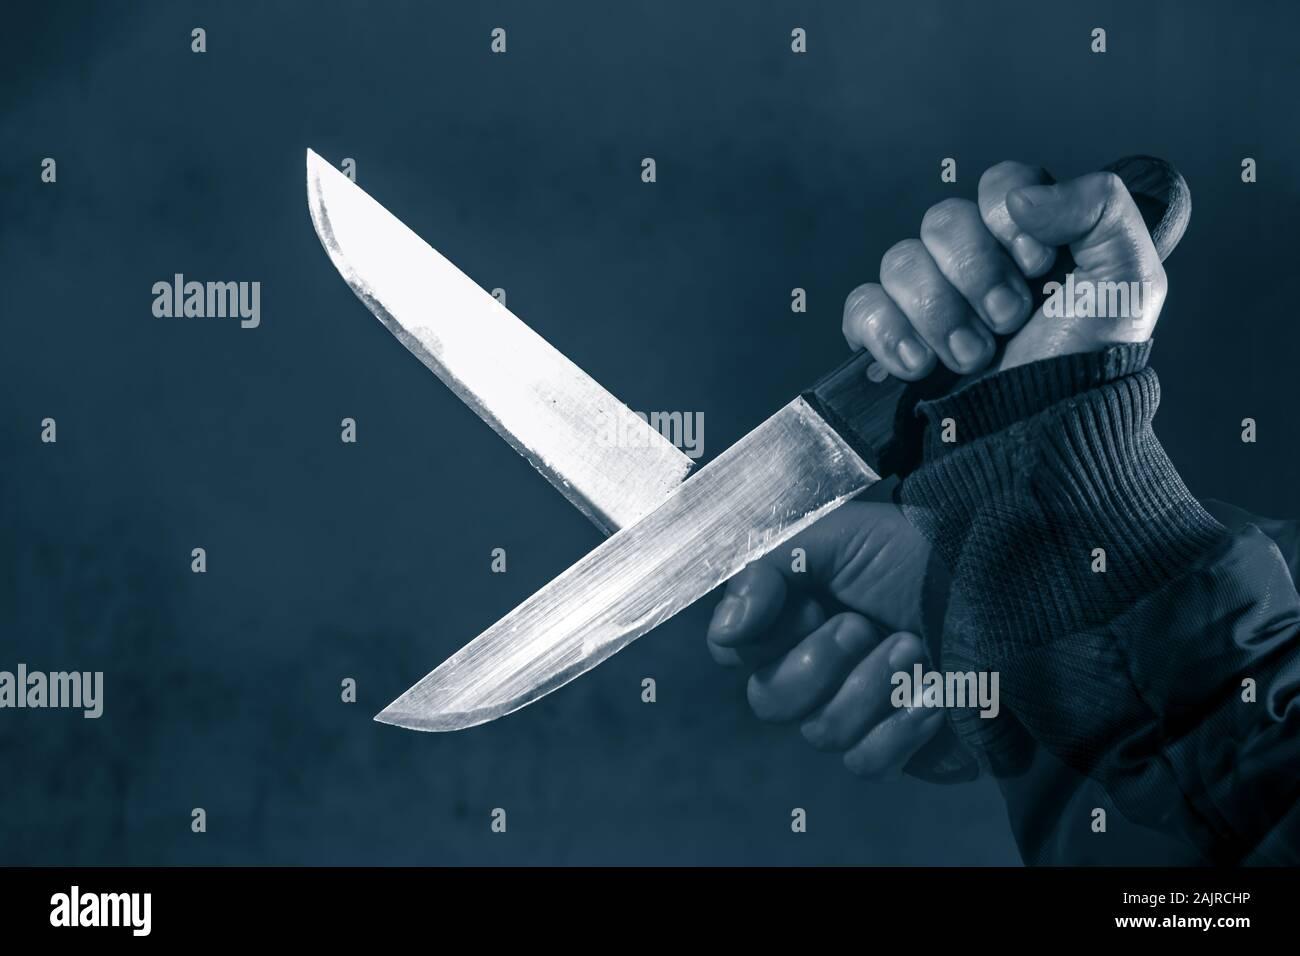 Imagen de tono azul frío compuesto de manos con cuchilla de miedo Foto de stock